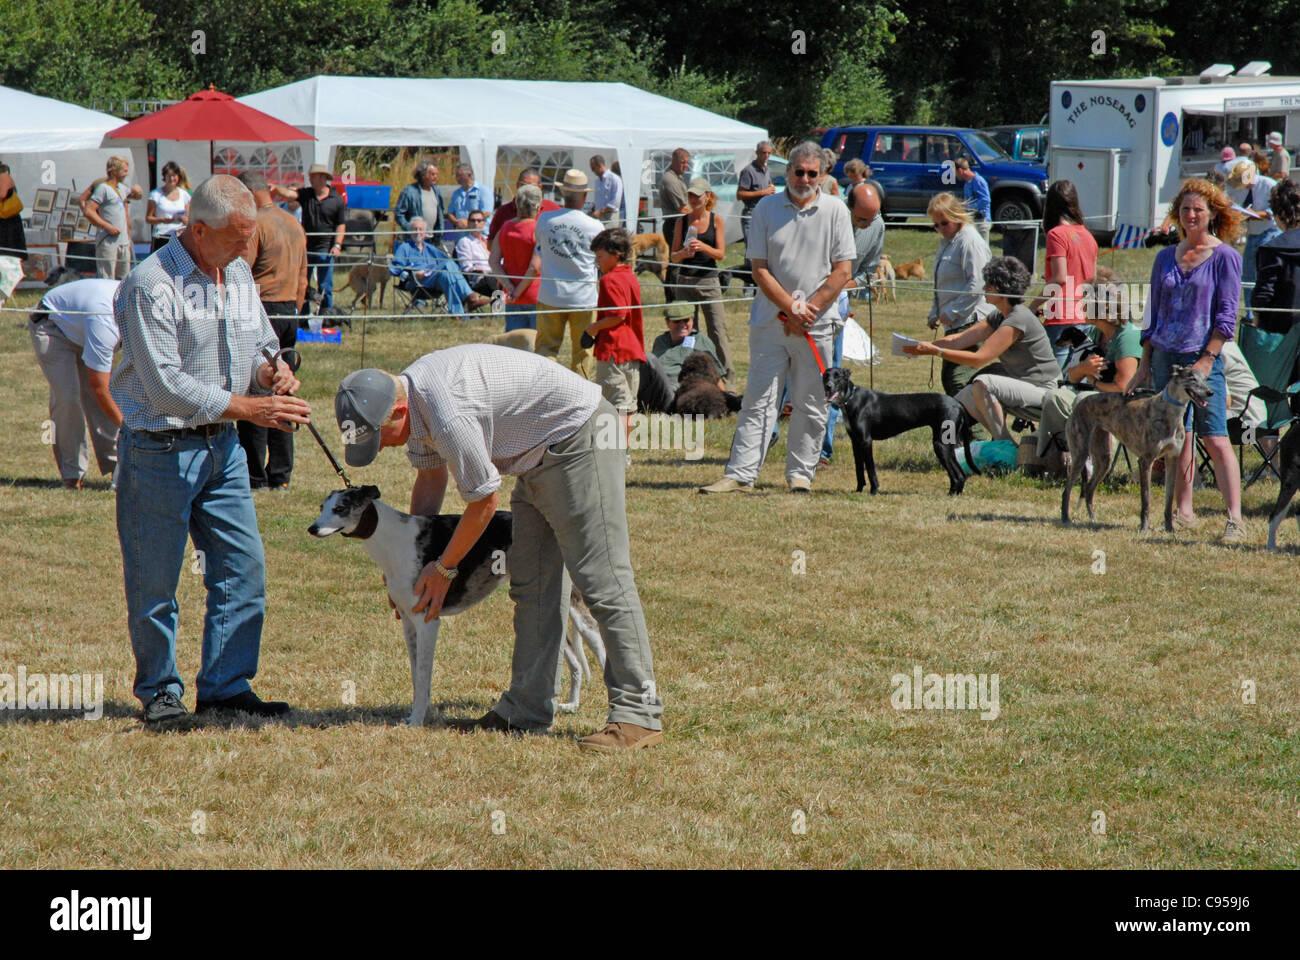 Un pays dog show Editorial uniquement. Boules à croix dans le Sussex. Photo Stock